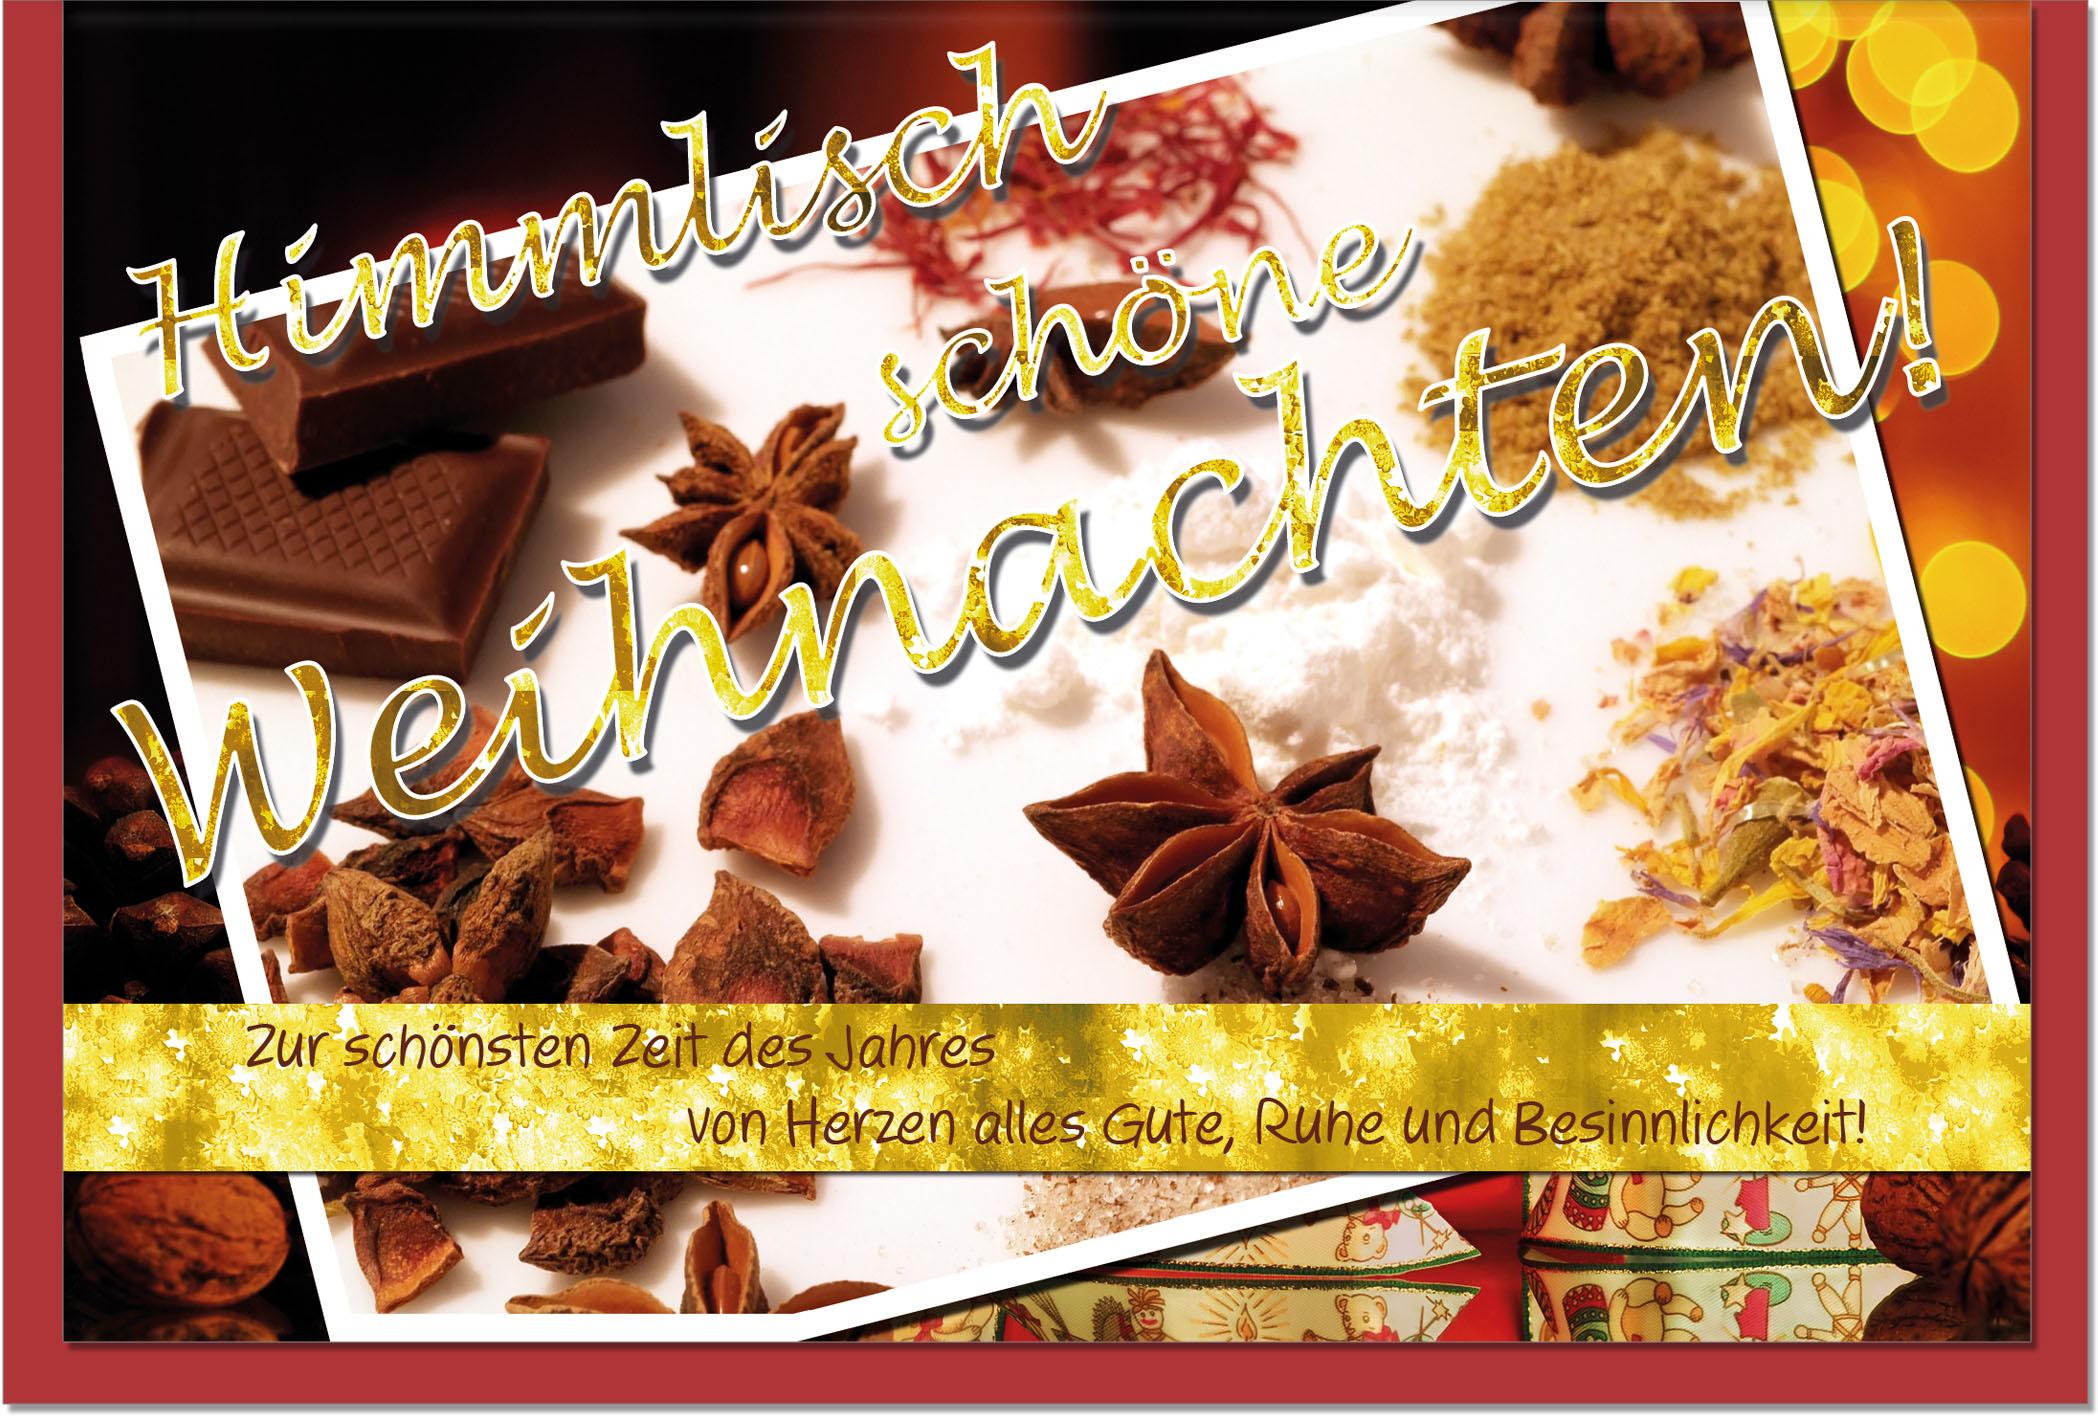 Weihnachtskarten / Grußkarten /Weihnachten Weihnachtliche Schokolade